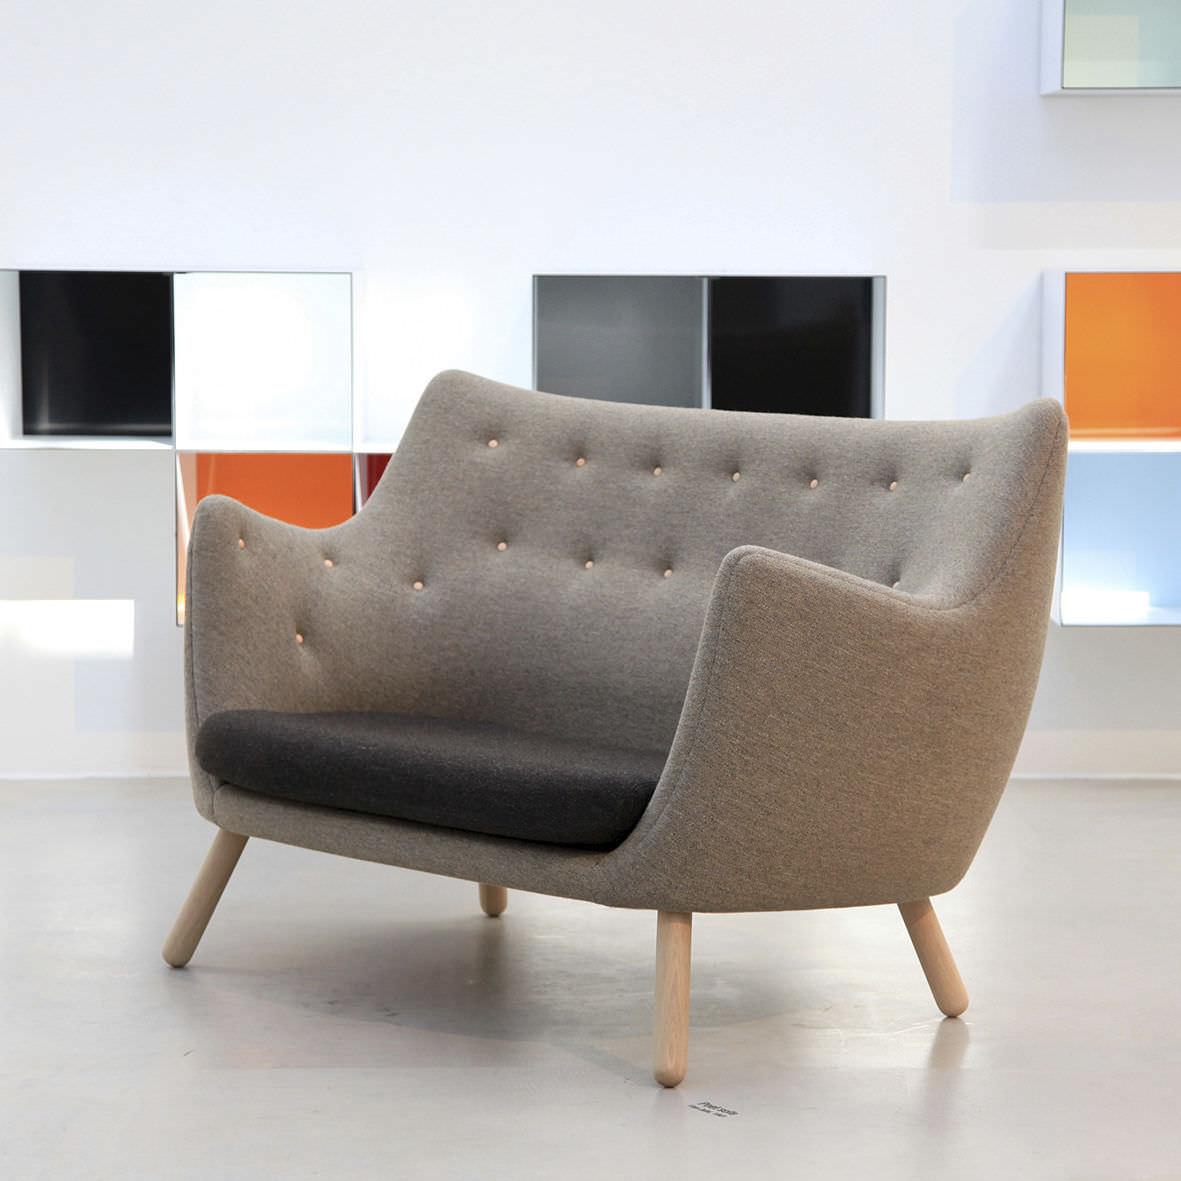 AuBergewohnlich Sofa / Skandinavisches Design / Holz / Stoff / Von Finn Juhl   POET